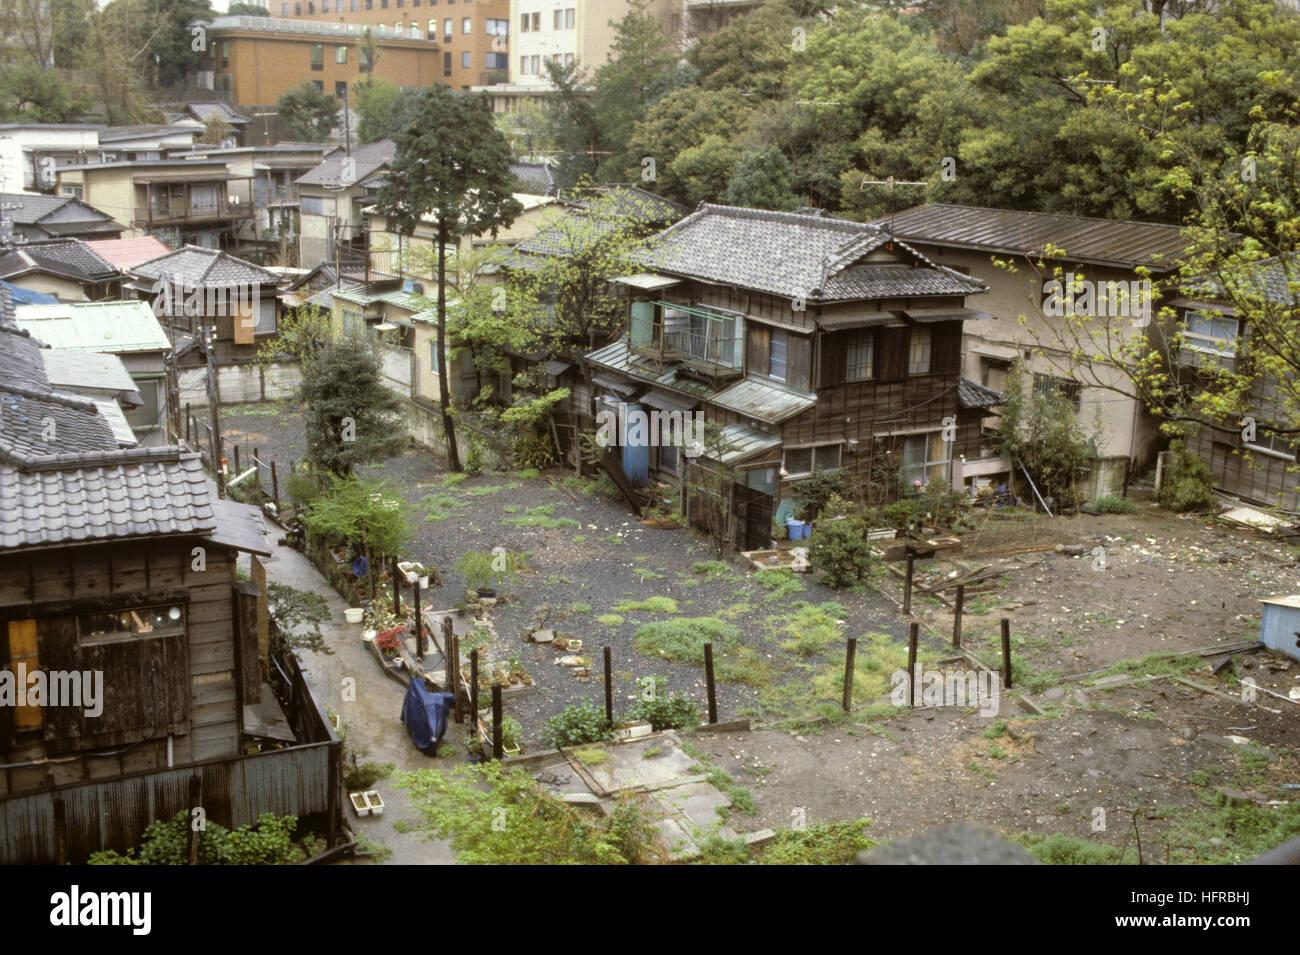 JAPAN Tokio alte Häuser in der Stadt Stockfoto, Bild: 130206430 - Alamy